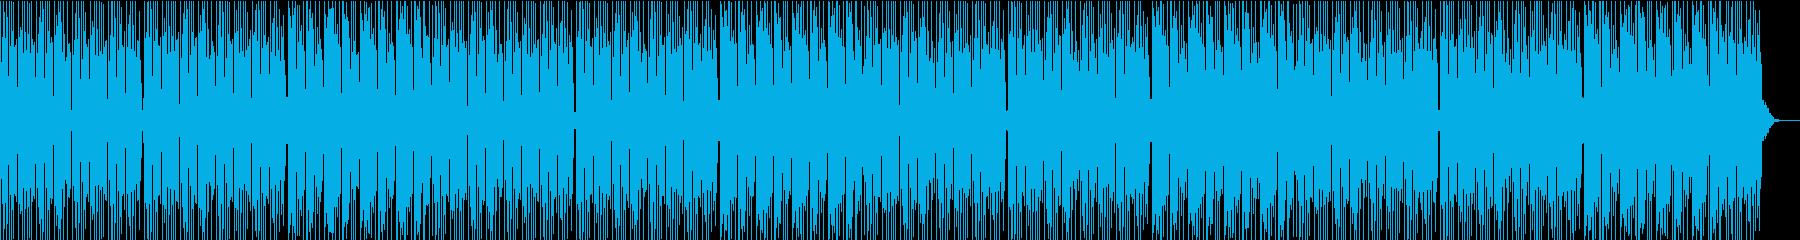 おまぬけコミカルの再生済みの波形